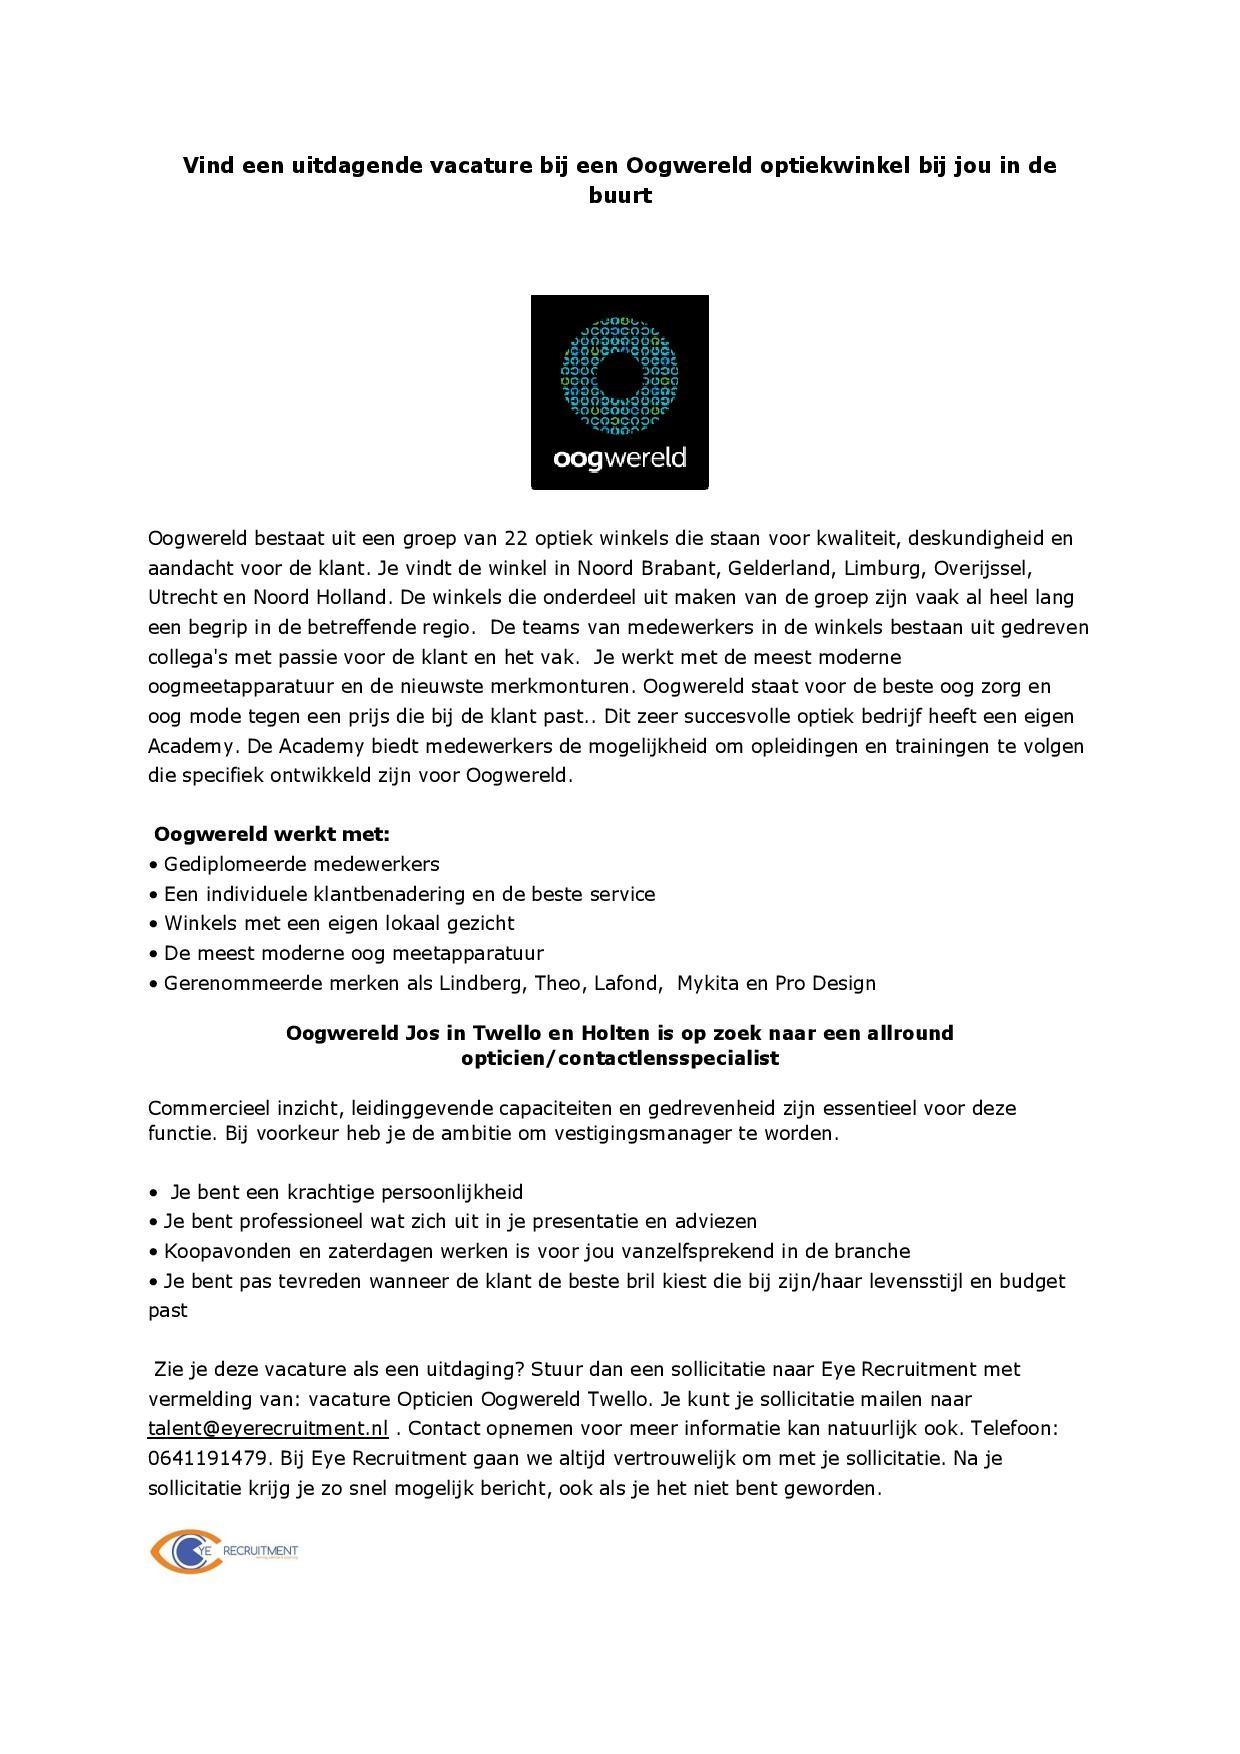 advertentie Oogwereld Twello-page-001